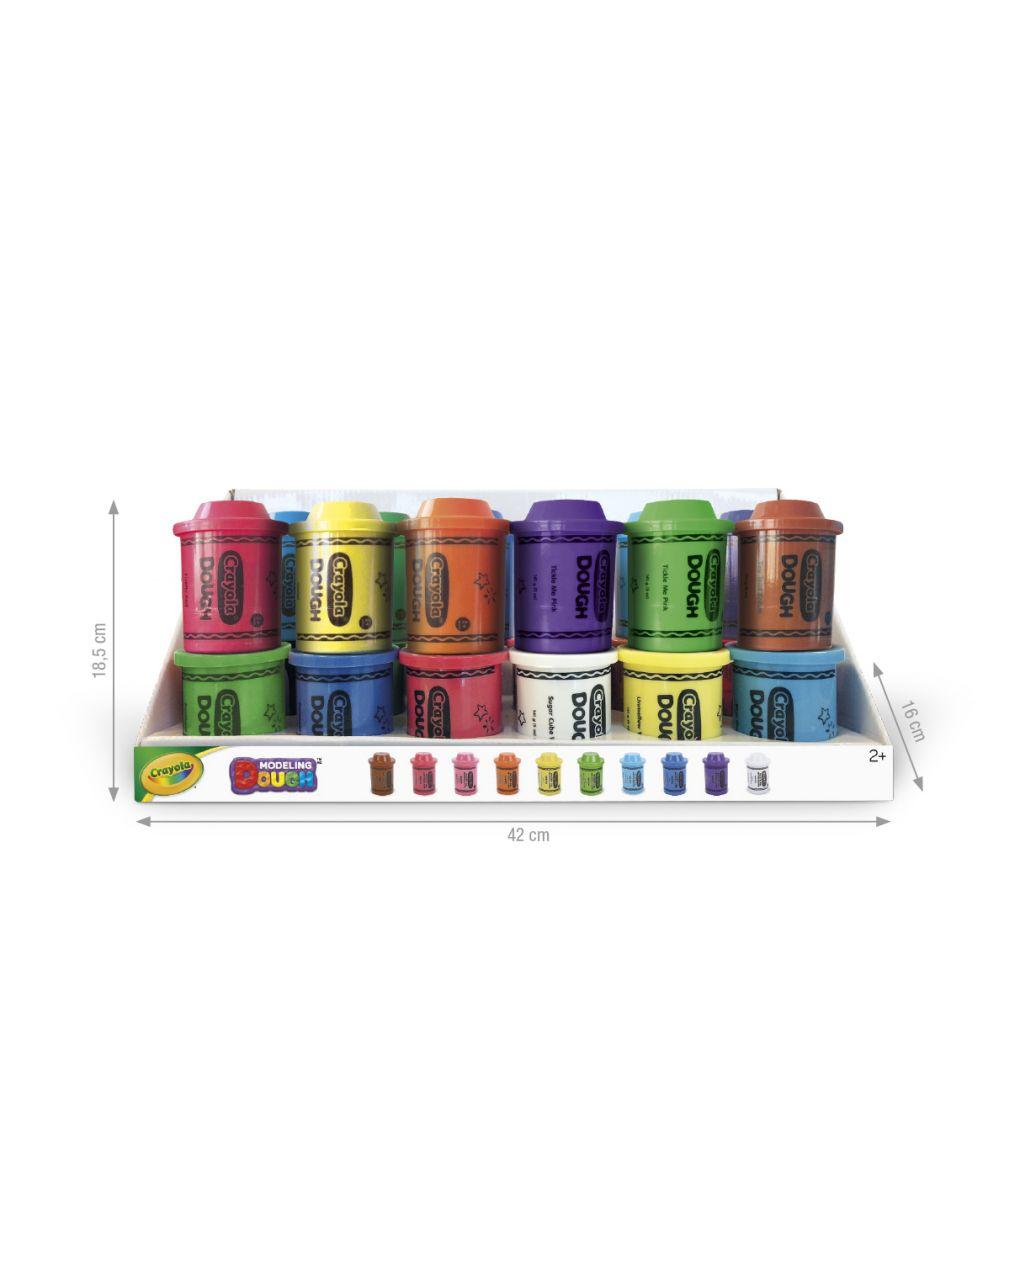 Crayola - frasco de argila de modelar de 141 gr - Crayola